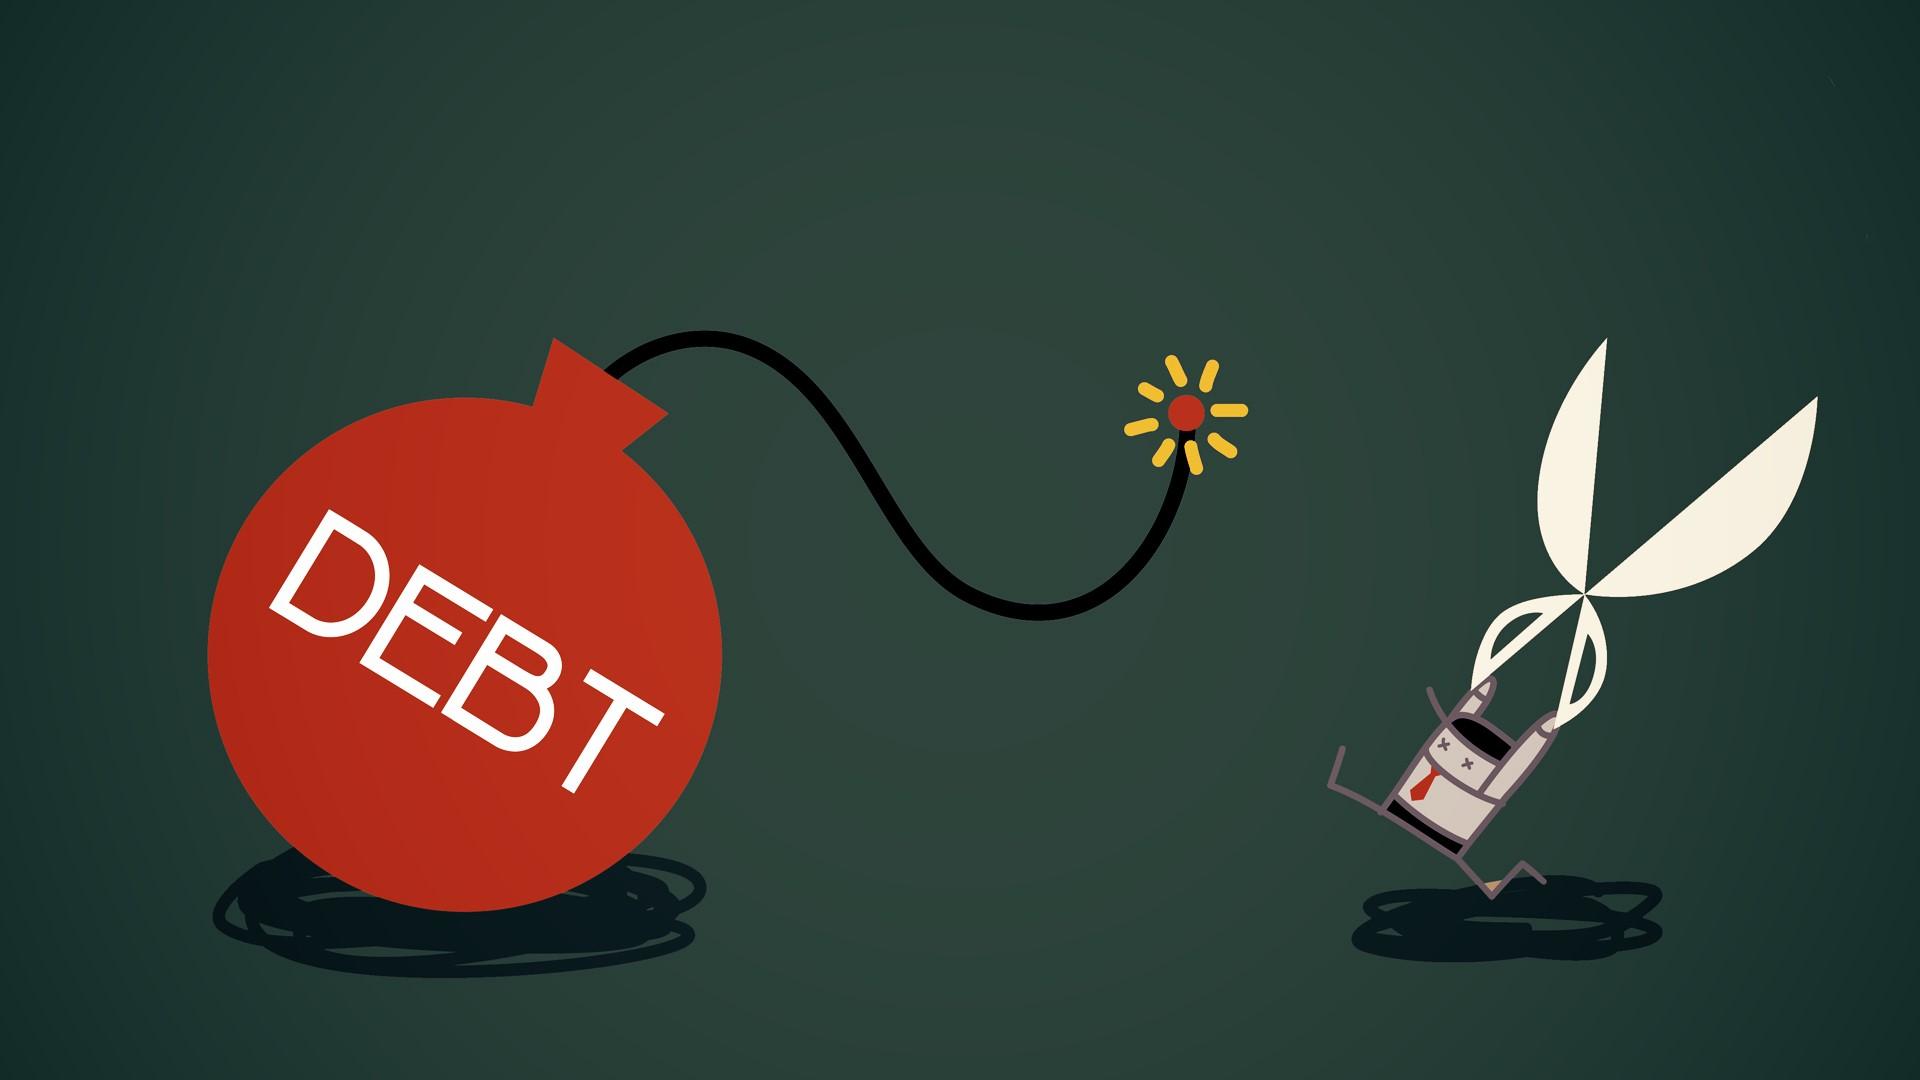 Debt Green